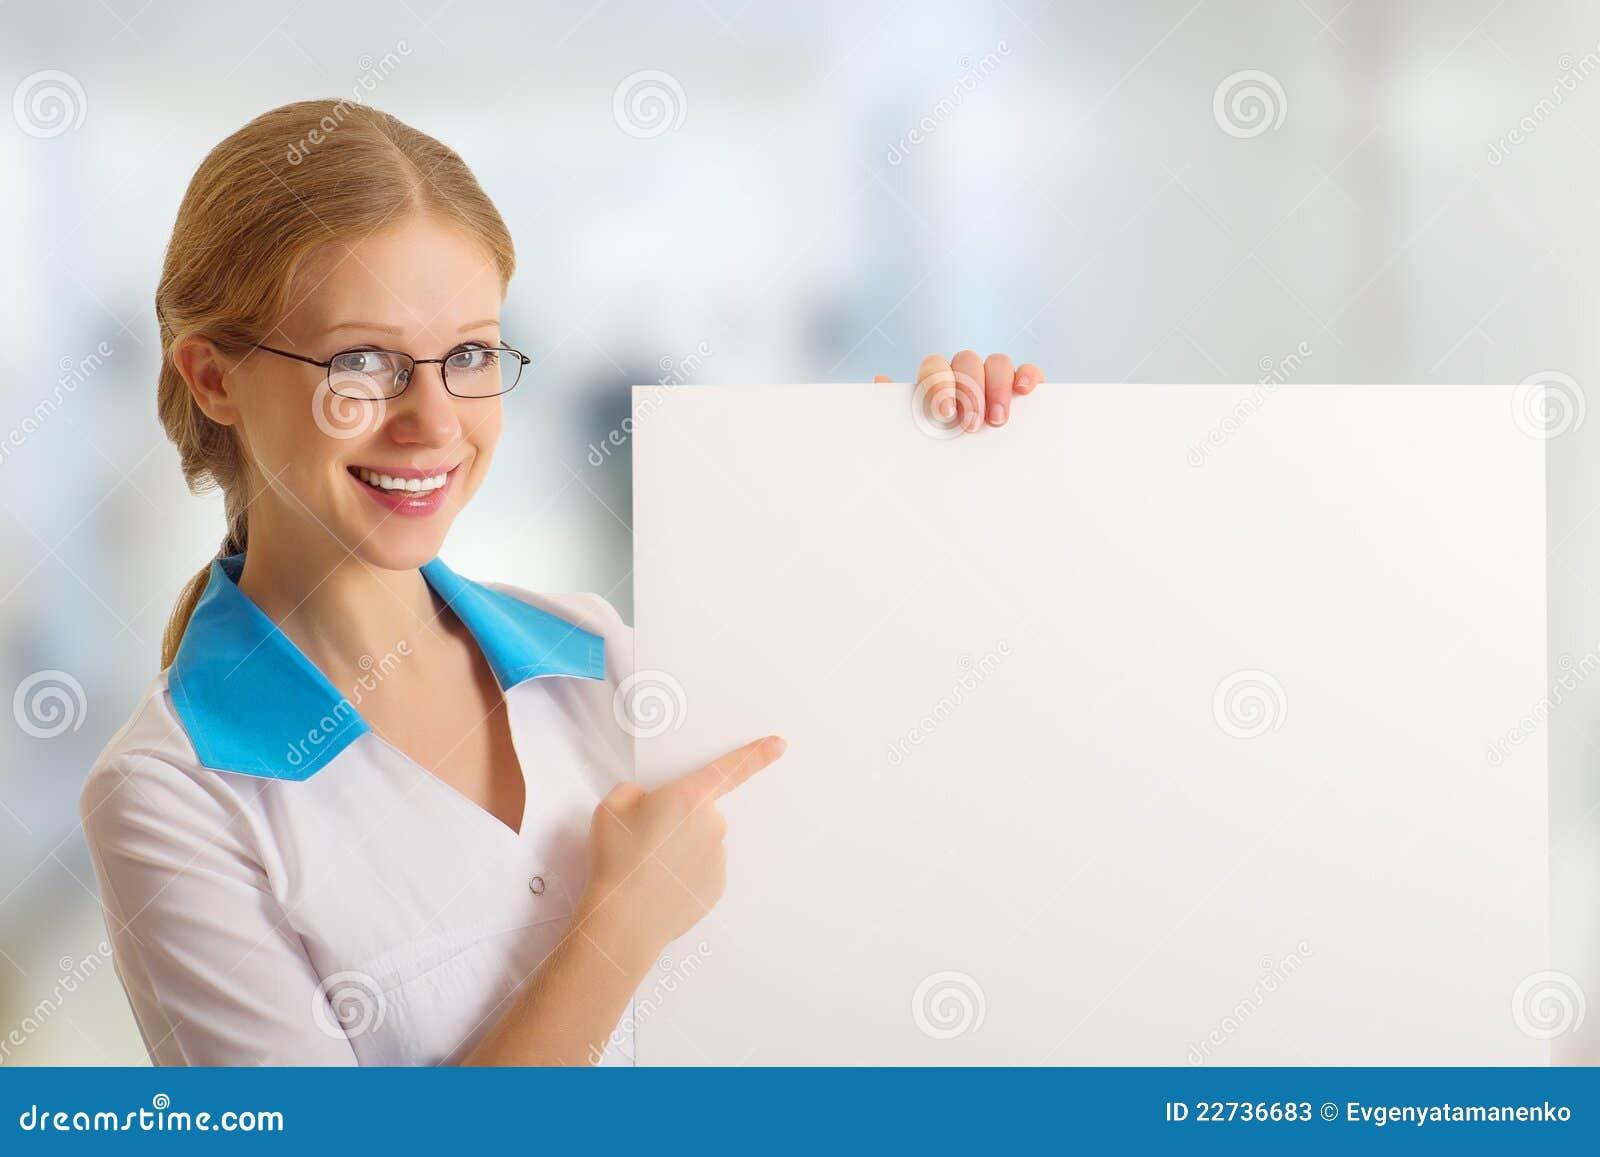 Enfermera hermosa que sostiene una cartelera en blanco